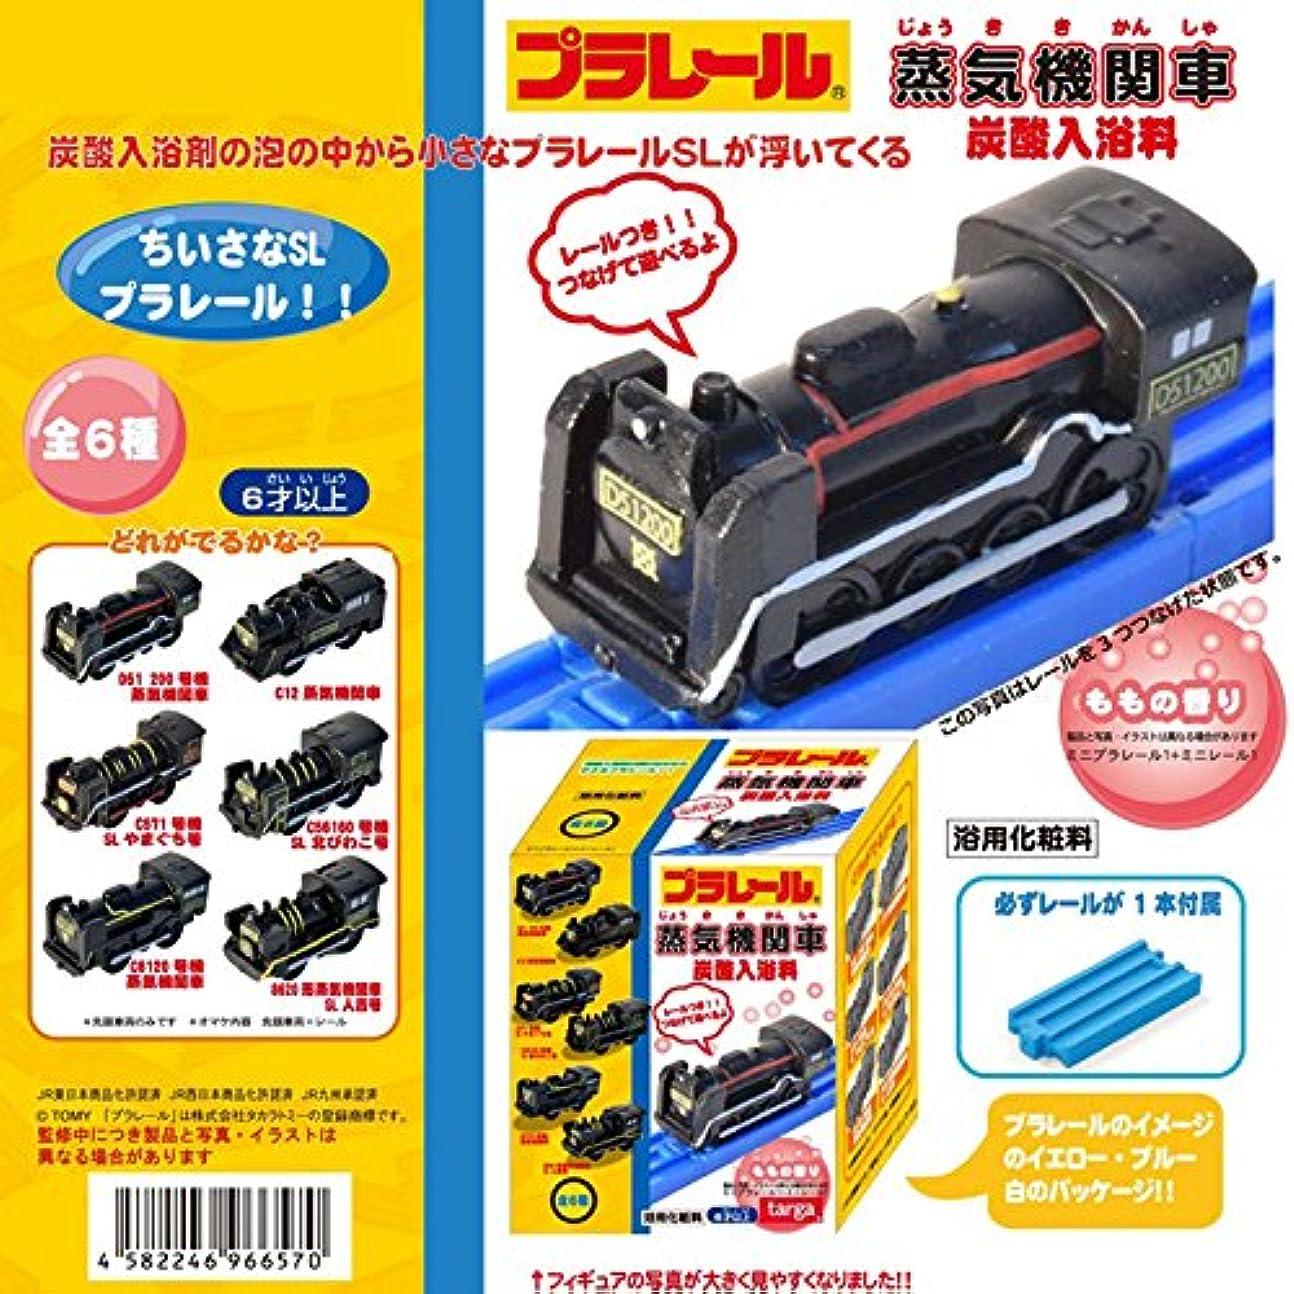 去る大きなスケールで見るとギャザープラレール 蒸気機関車 炭酸入浴料 6個1セット ももの香り レールつき機関車 入浴剤